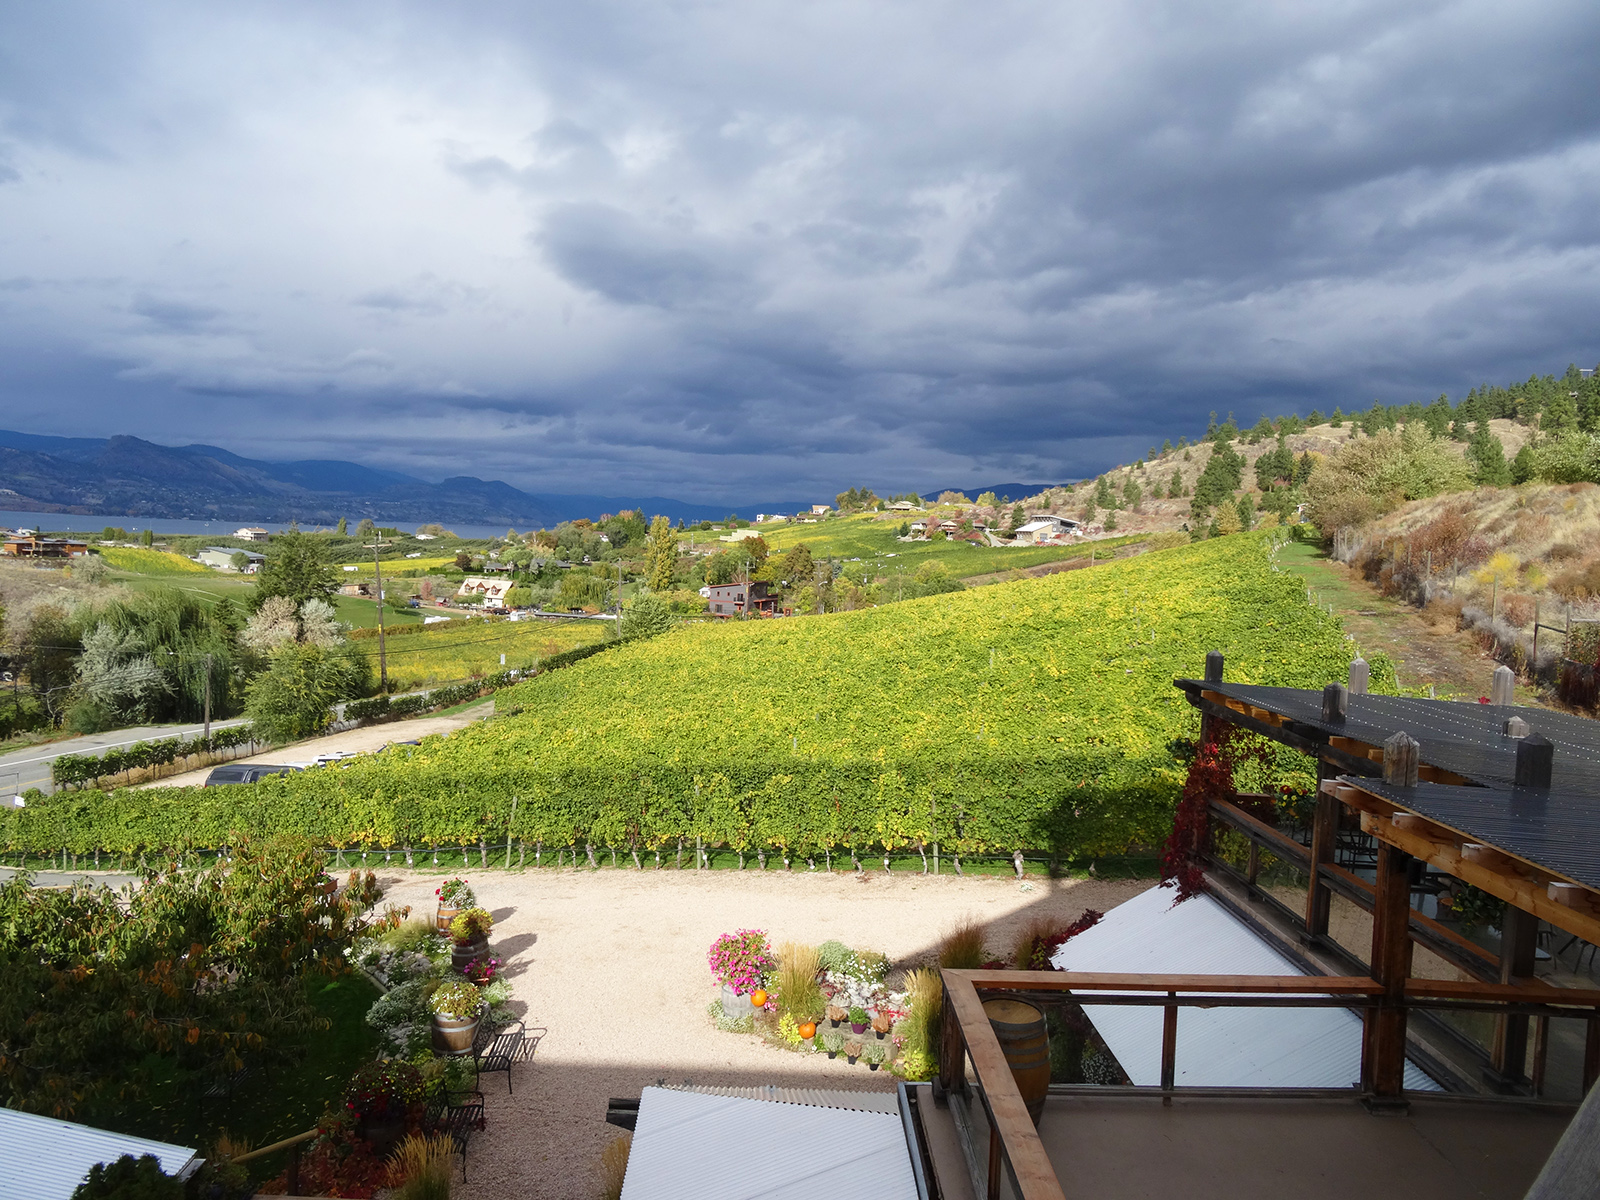 BC winery visit